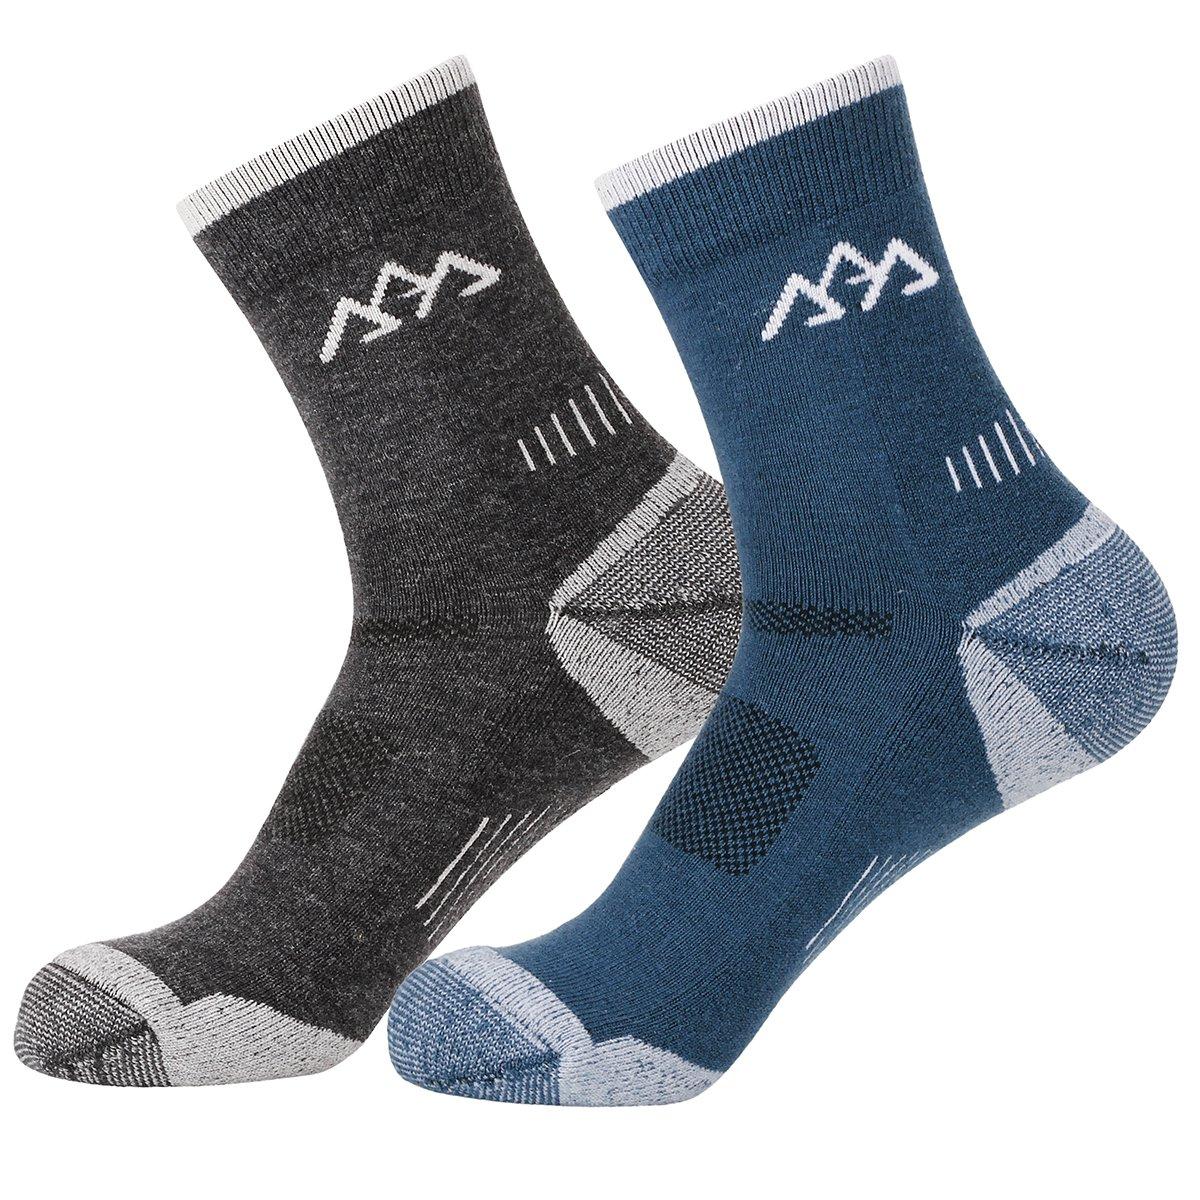 登山用靴下のおすすめ6選!5本指タイプも紹介